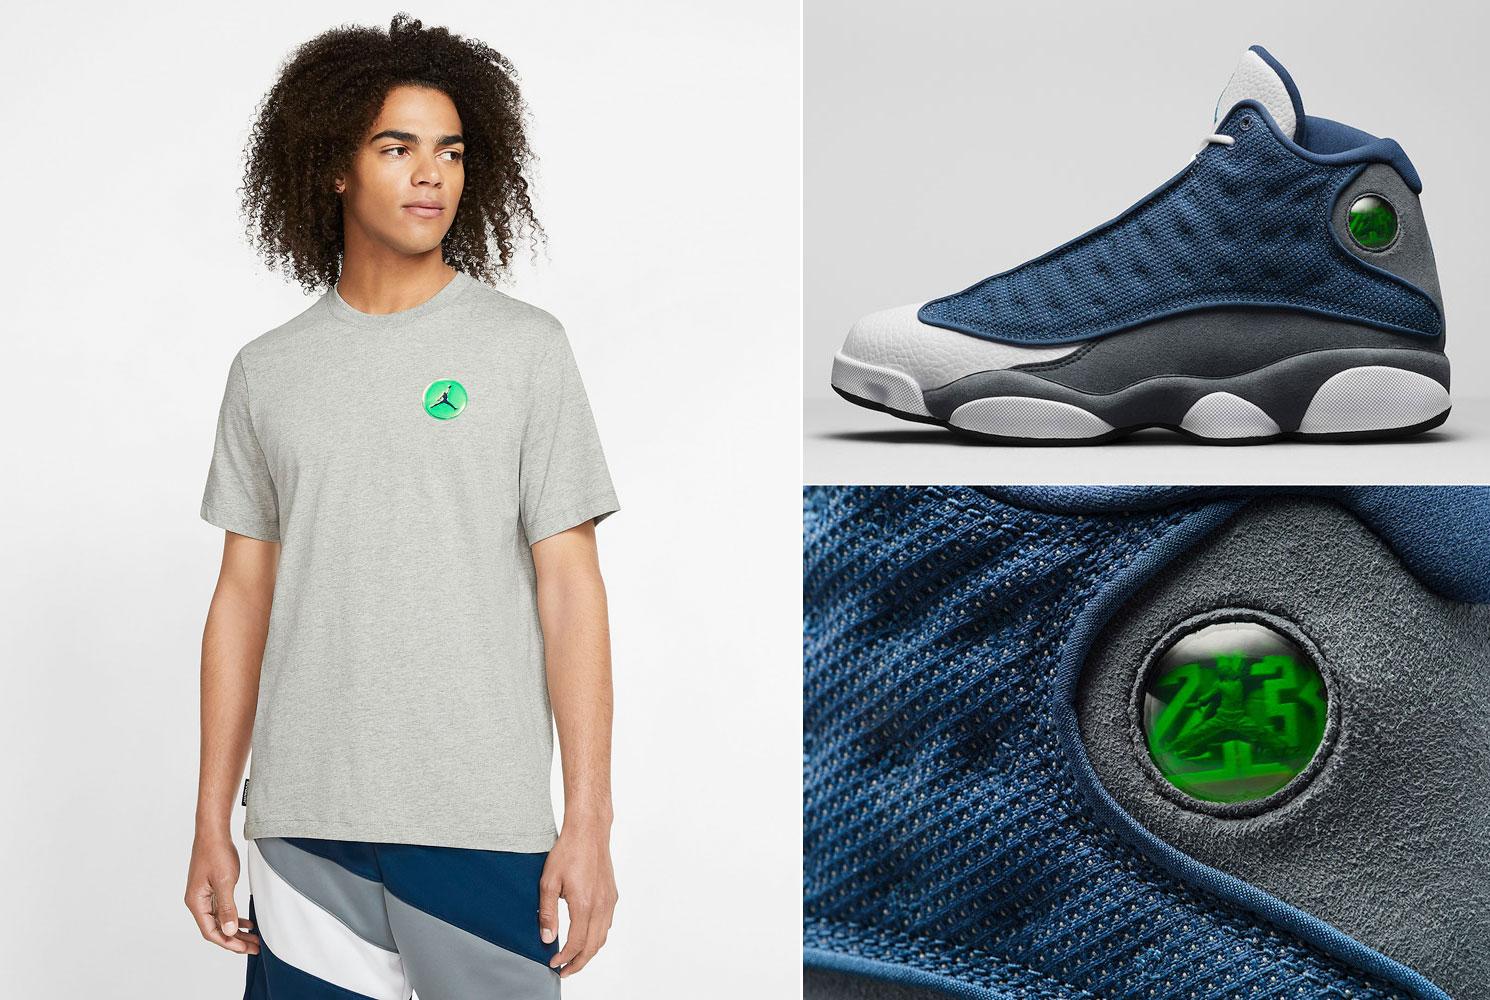 jordan-13-flint-2020-sneaker-outfit